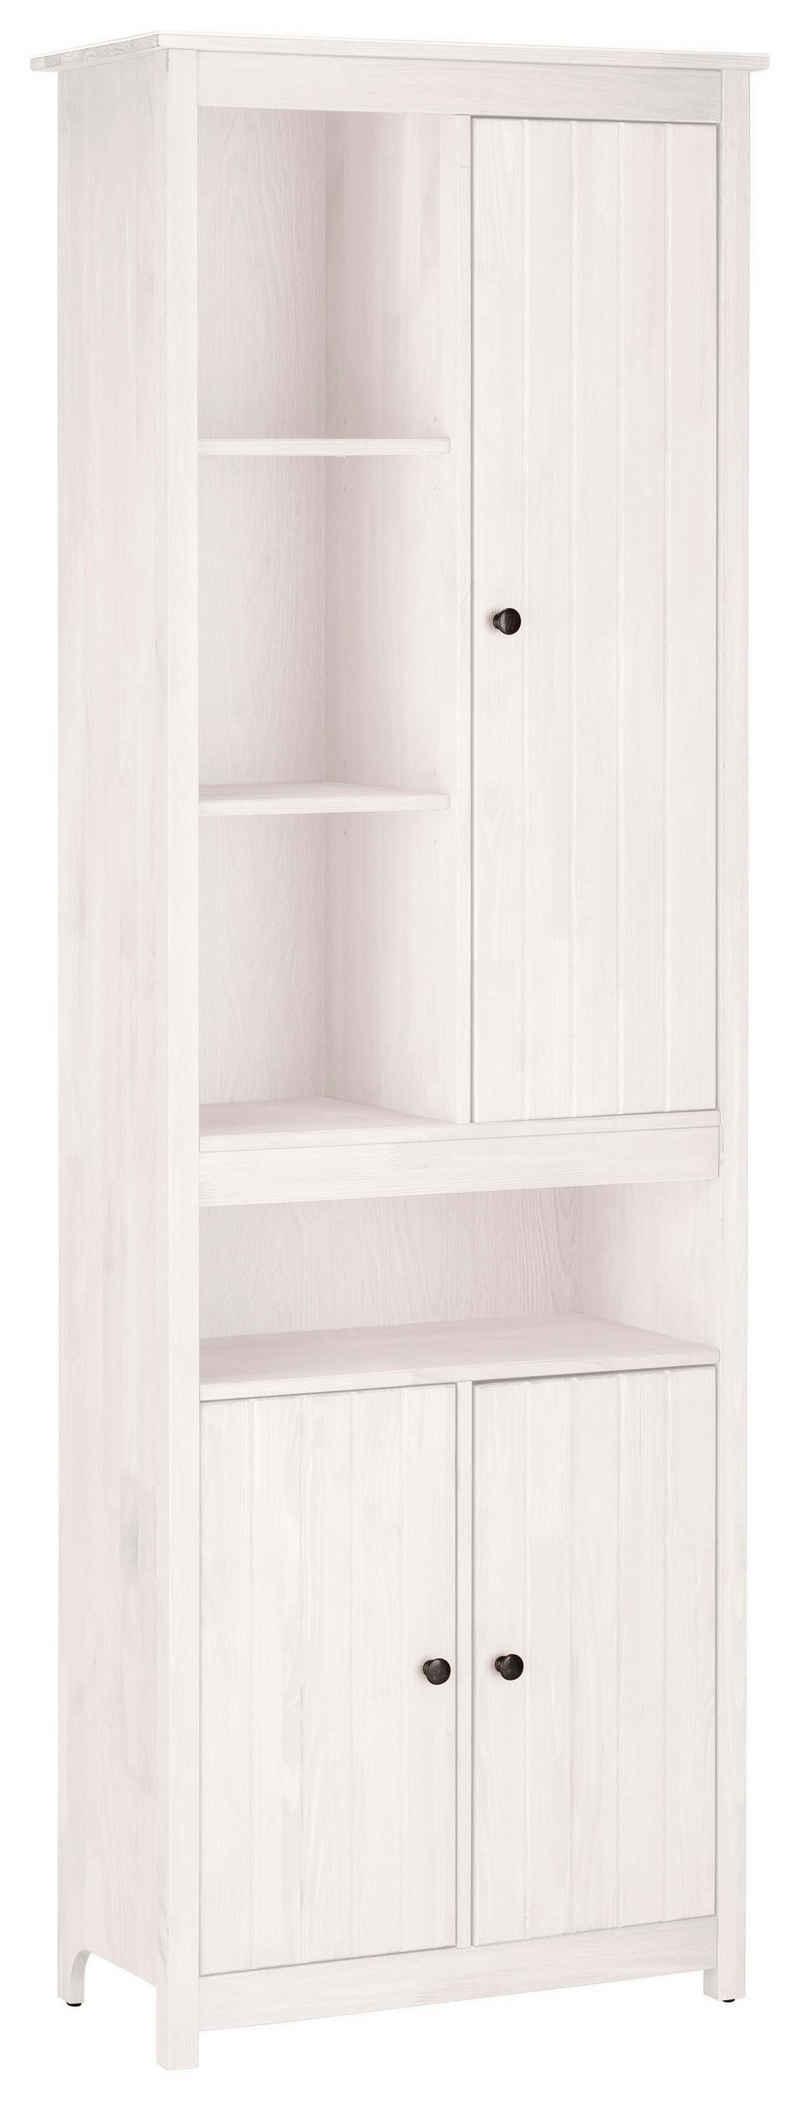 Home affaire Hochschrank »Westa« Breite 62 cm, Badezimmerschrank aus Massivholz, Kiefernholz, Metallgriffe, 4 offene Fächer, 3 Türen